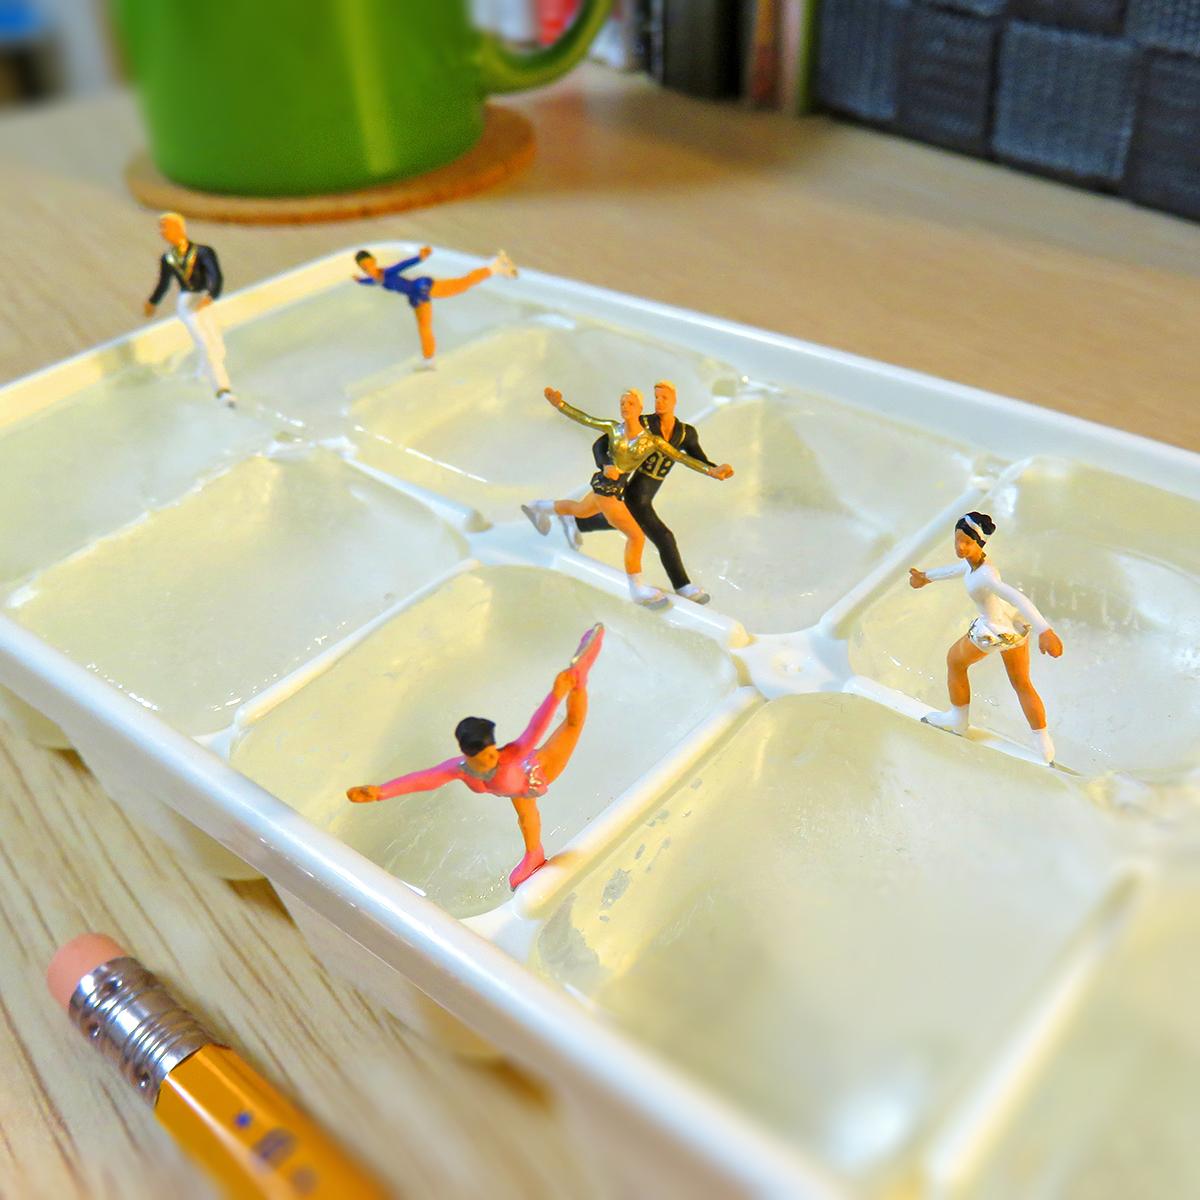 製氷皿でフィギュアスケートするスケート選手たち